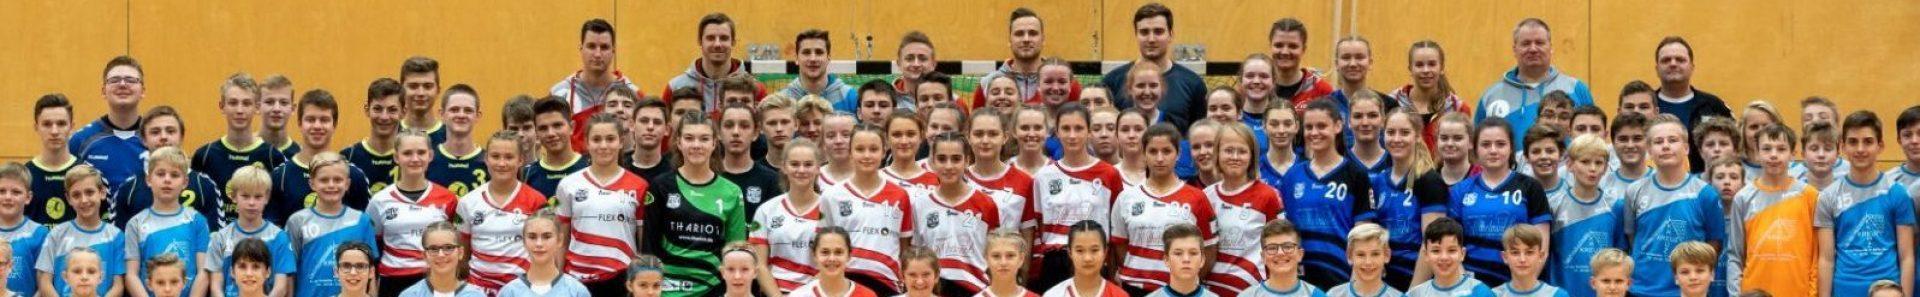 Haaner TV / HSG Adler Haan - Handball